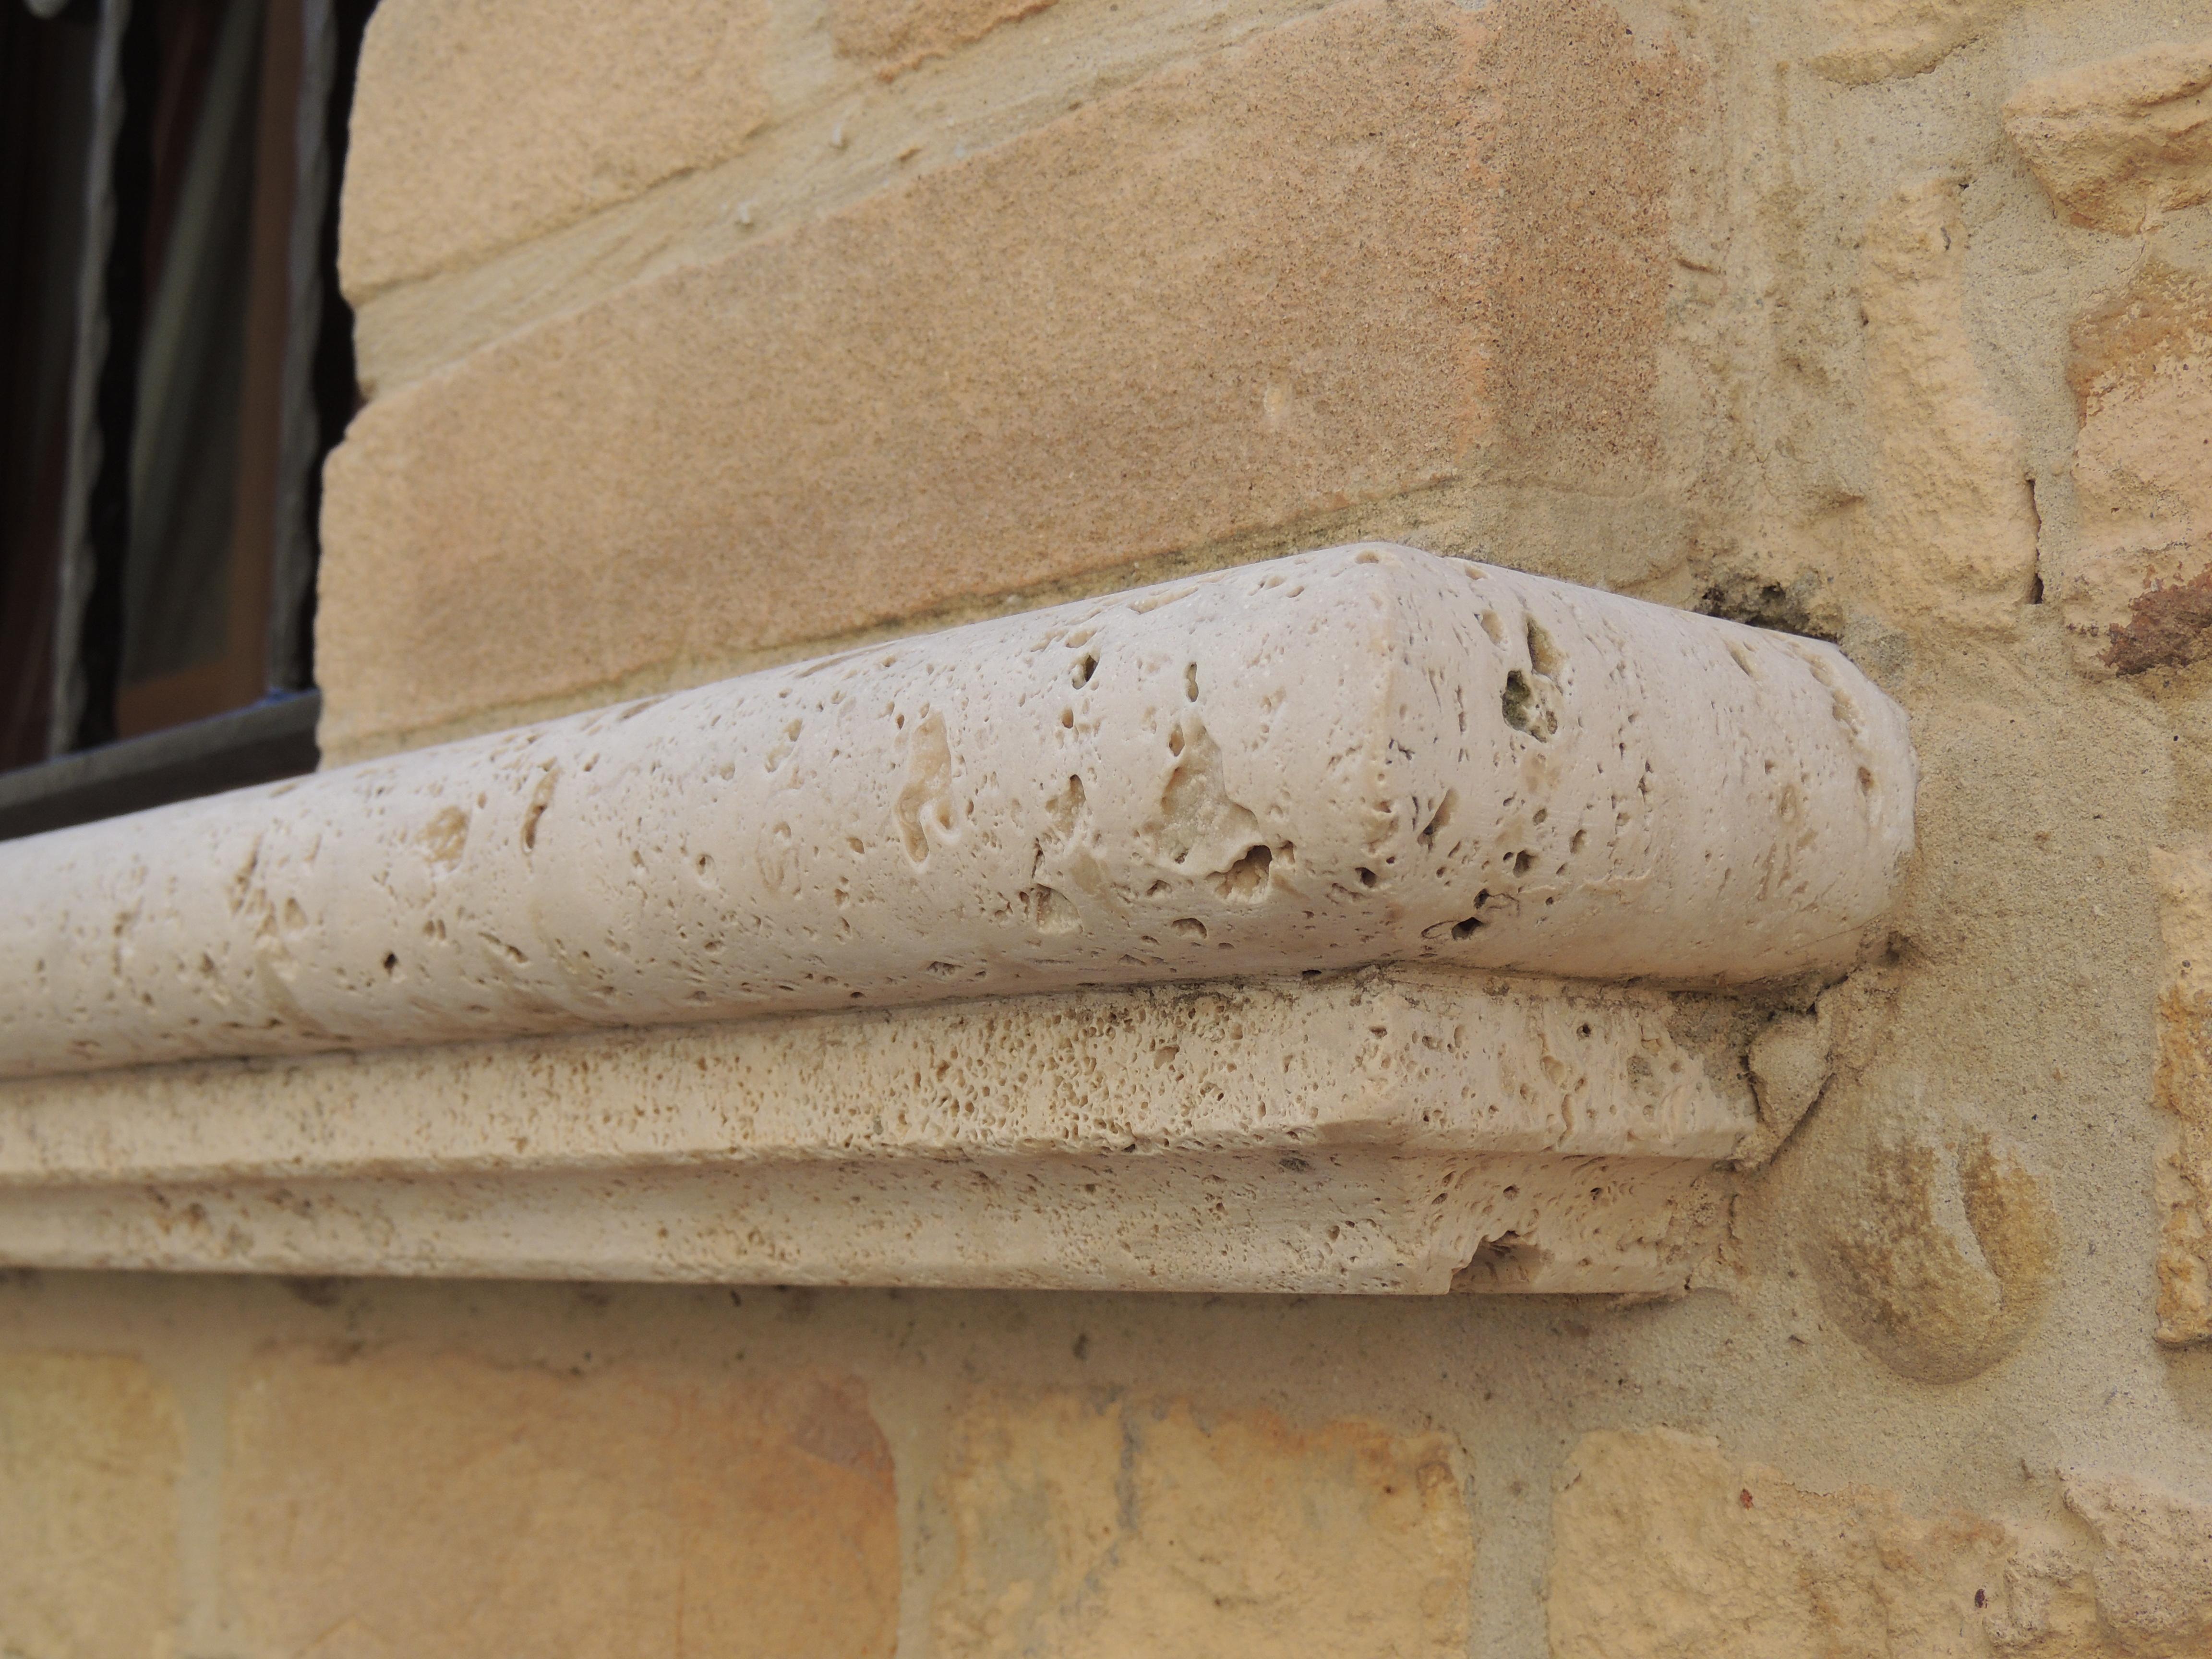 Dettaglio risvolto soglia in travertino romano anticato grezzo con toro e gola